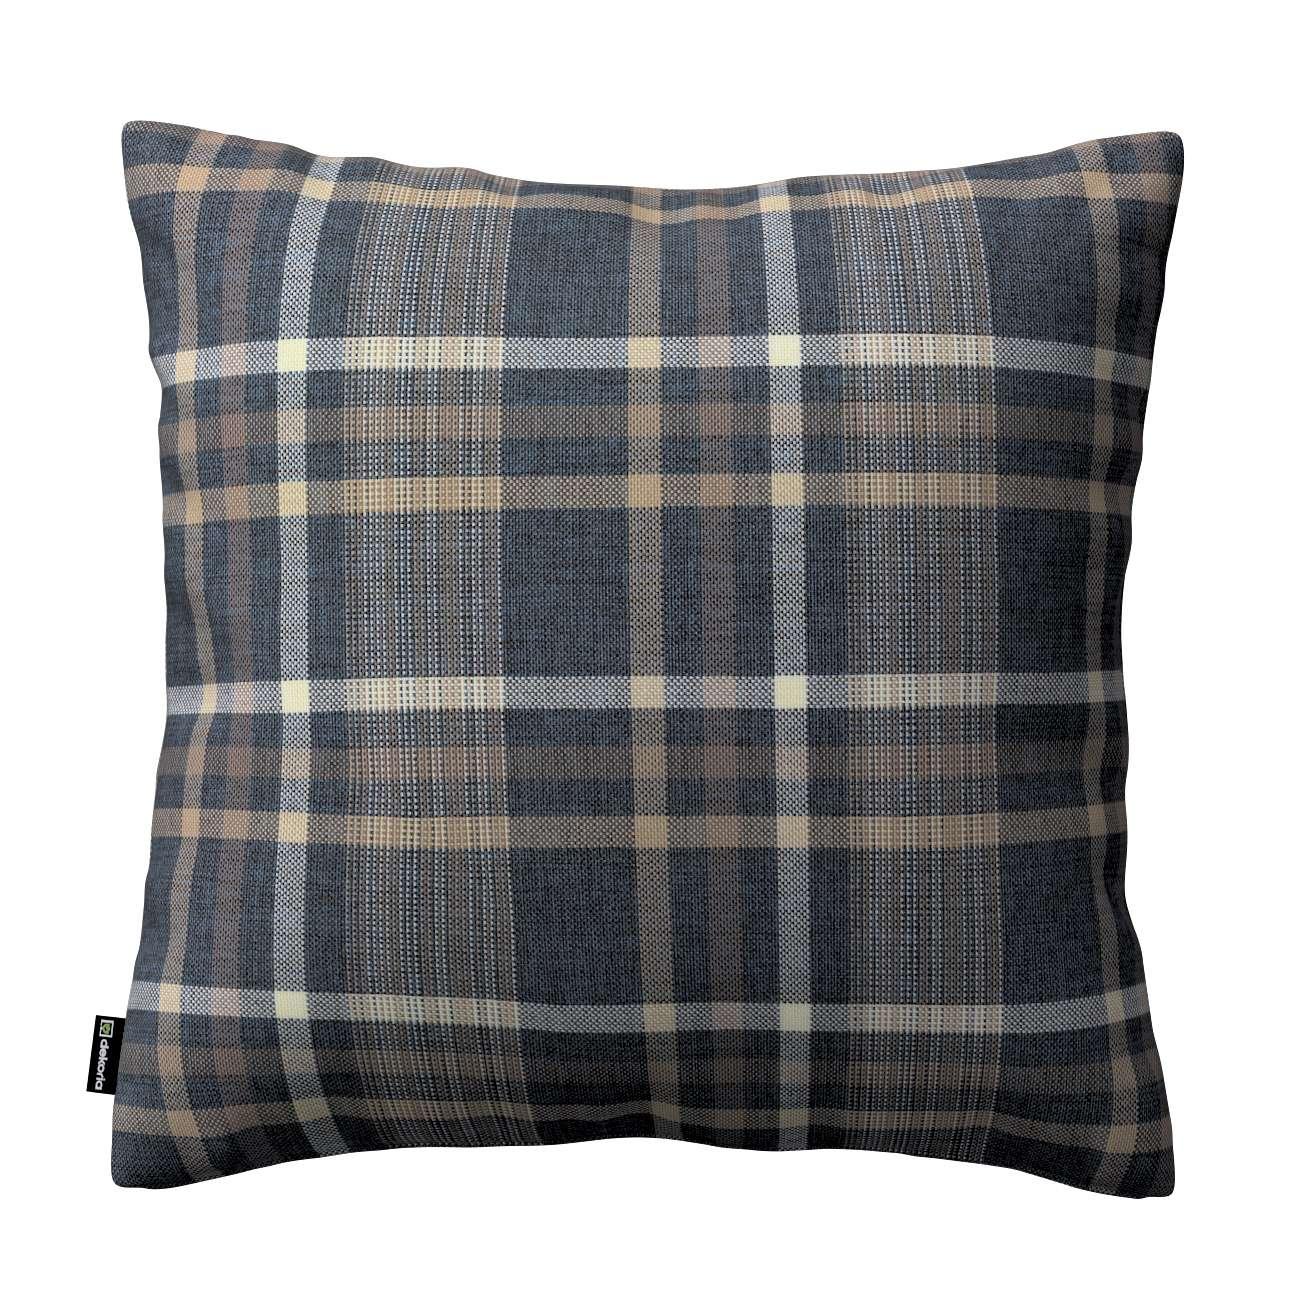 Poszewka Kinga na poduszkę w kolekcji Edinburgh, tkanina: 703-16